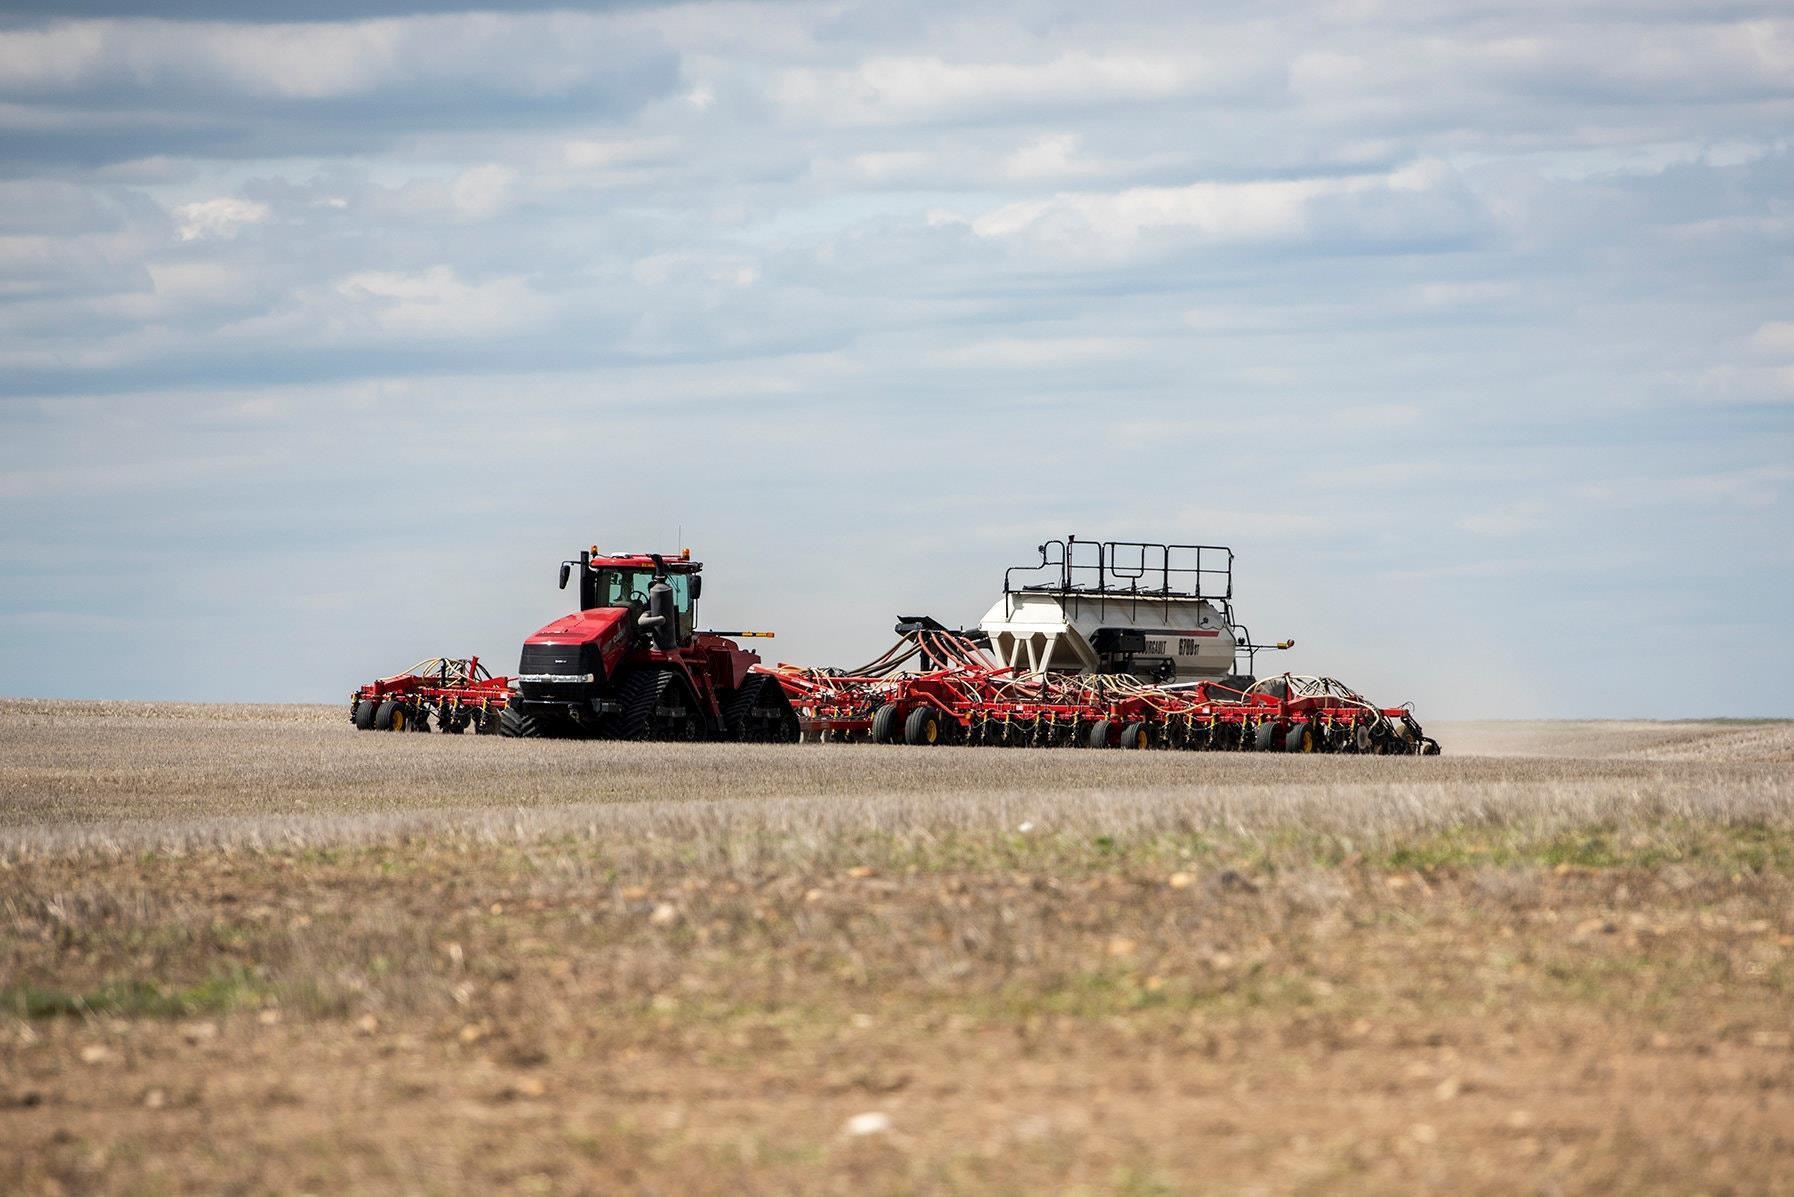 Ông Trump cấm vận Huawei, nông dân Mỹ lãnh đủ Ảnh 3